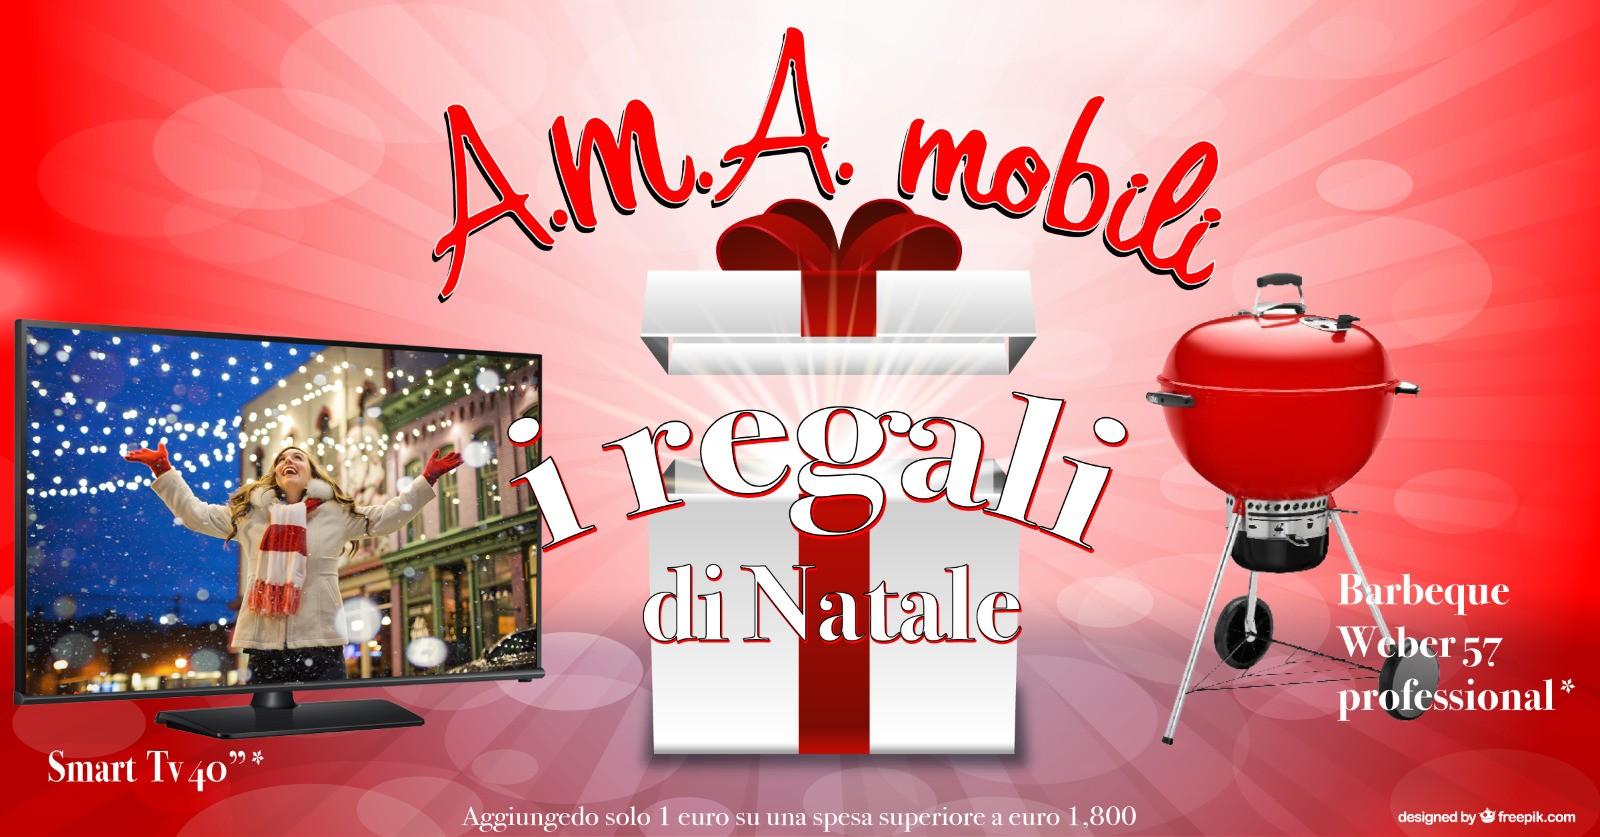 Regali Di Natale Da 1 Euro.Momenti Magici Da Ama Mobili Con I Regali Di Natale Ama Mobili